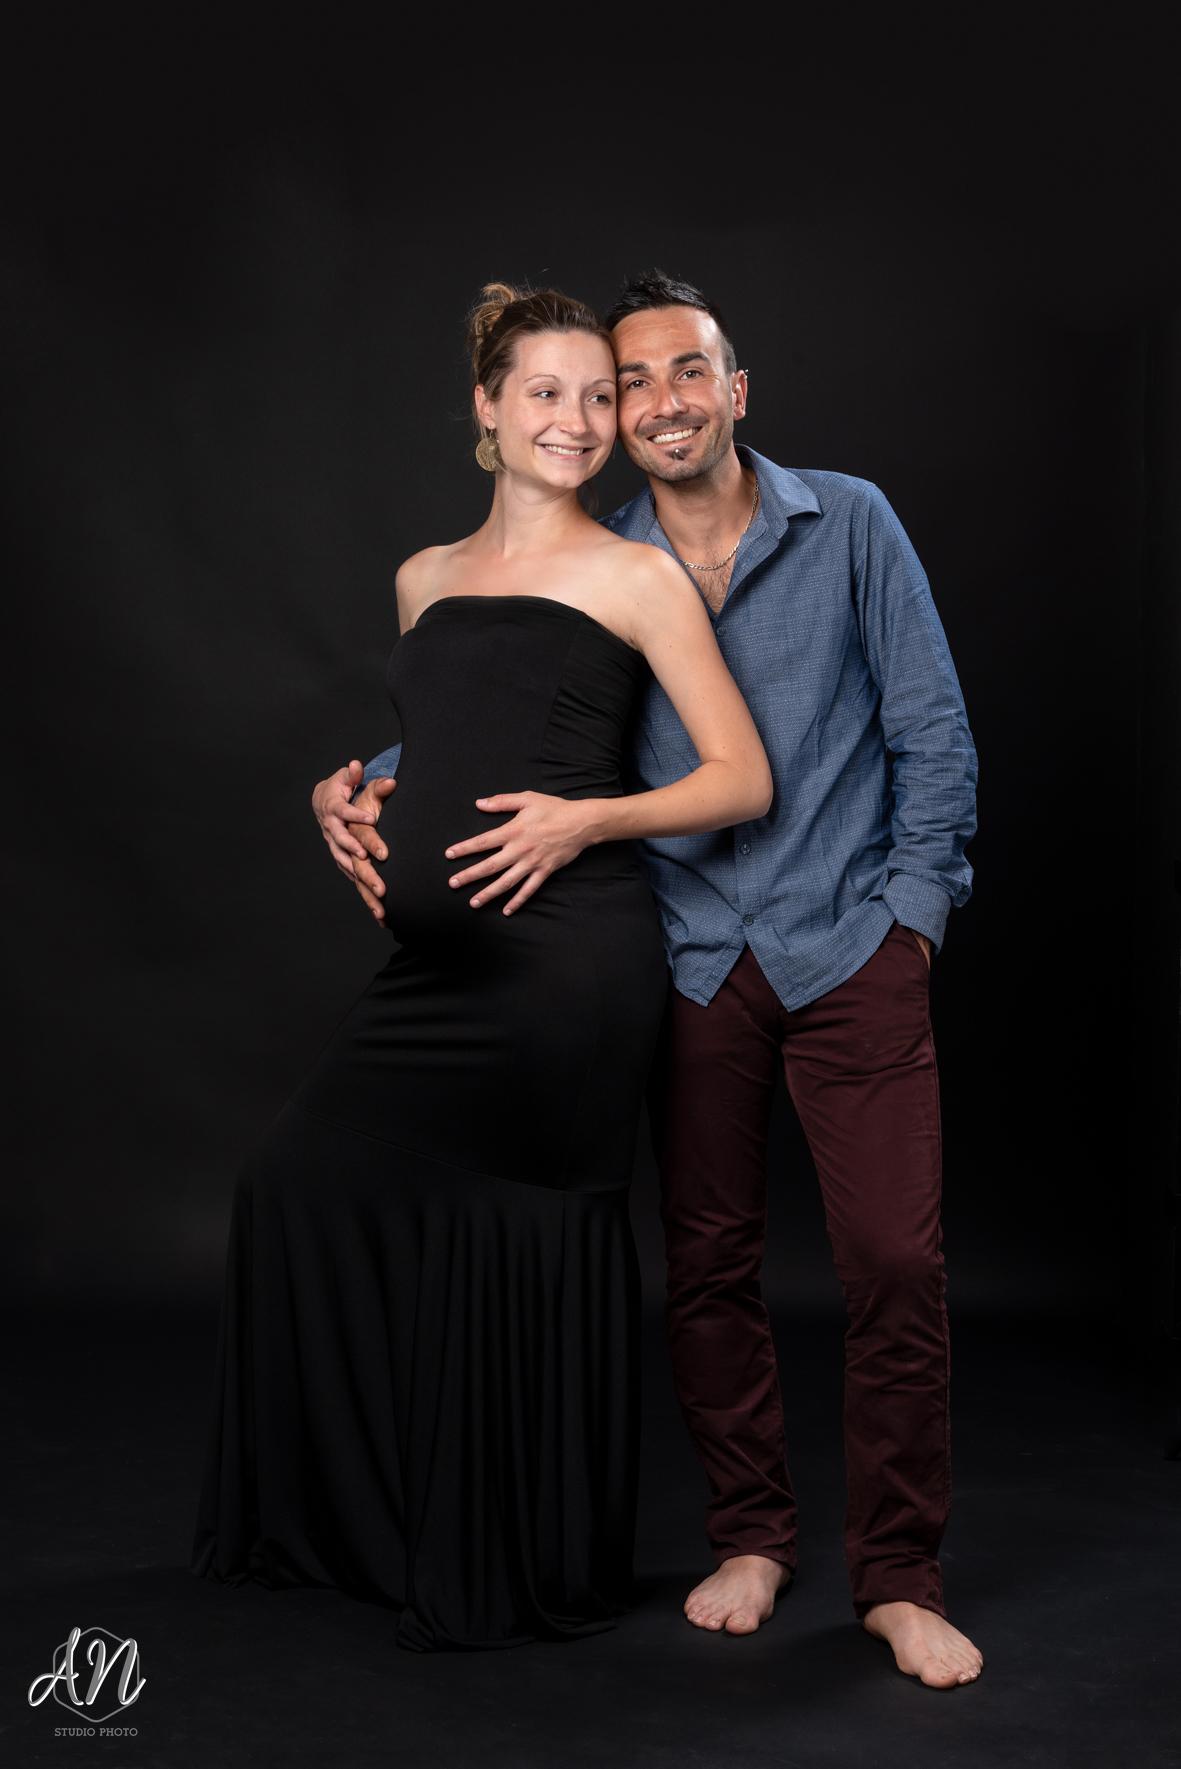 Séance photo couple - femme enceinte